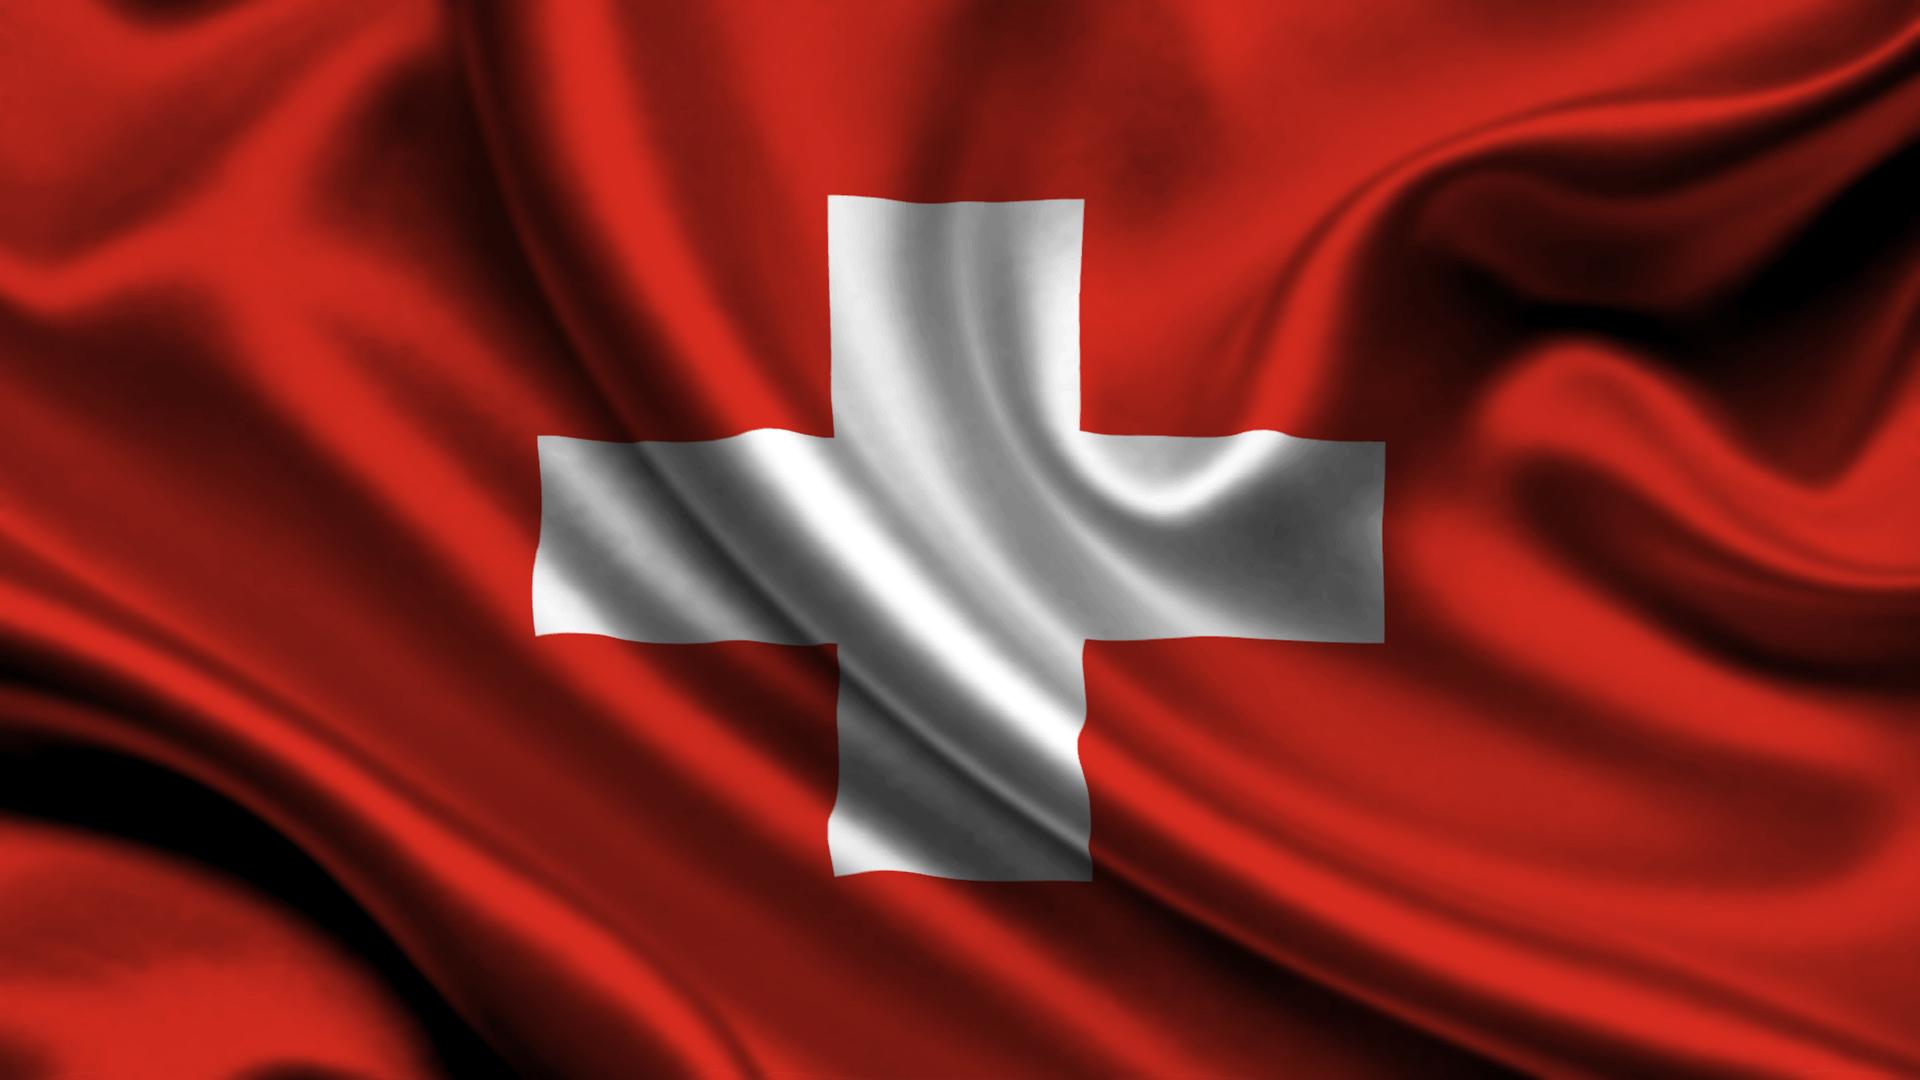 Швейцария картинки для презентации